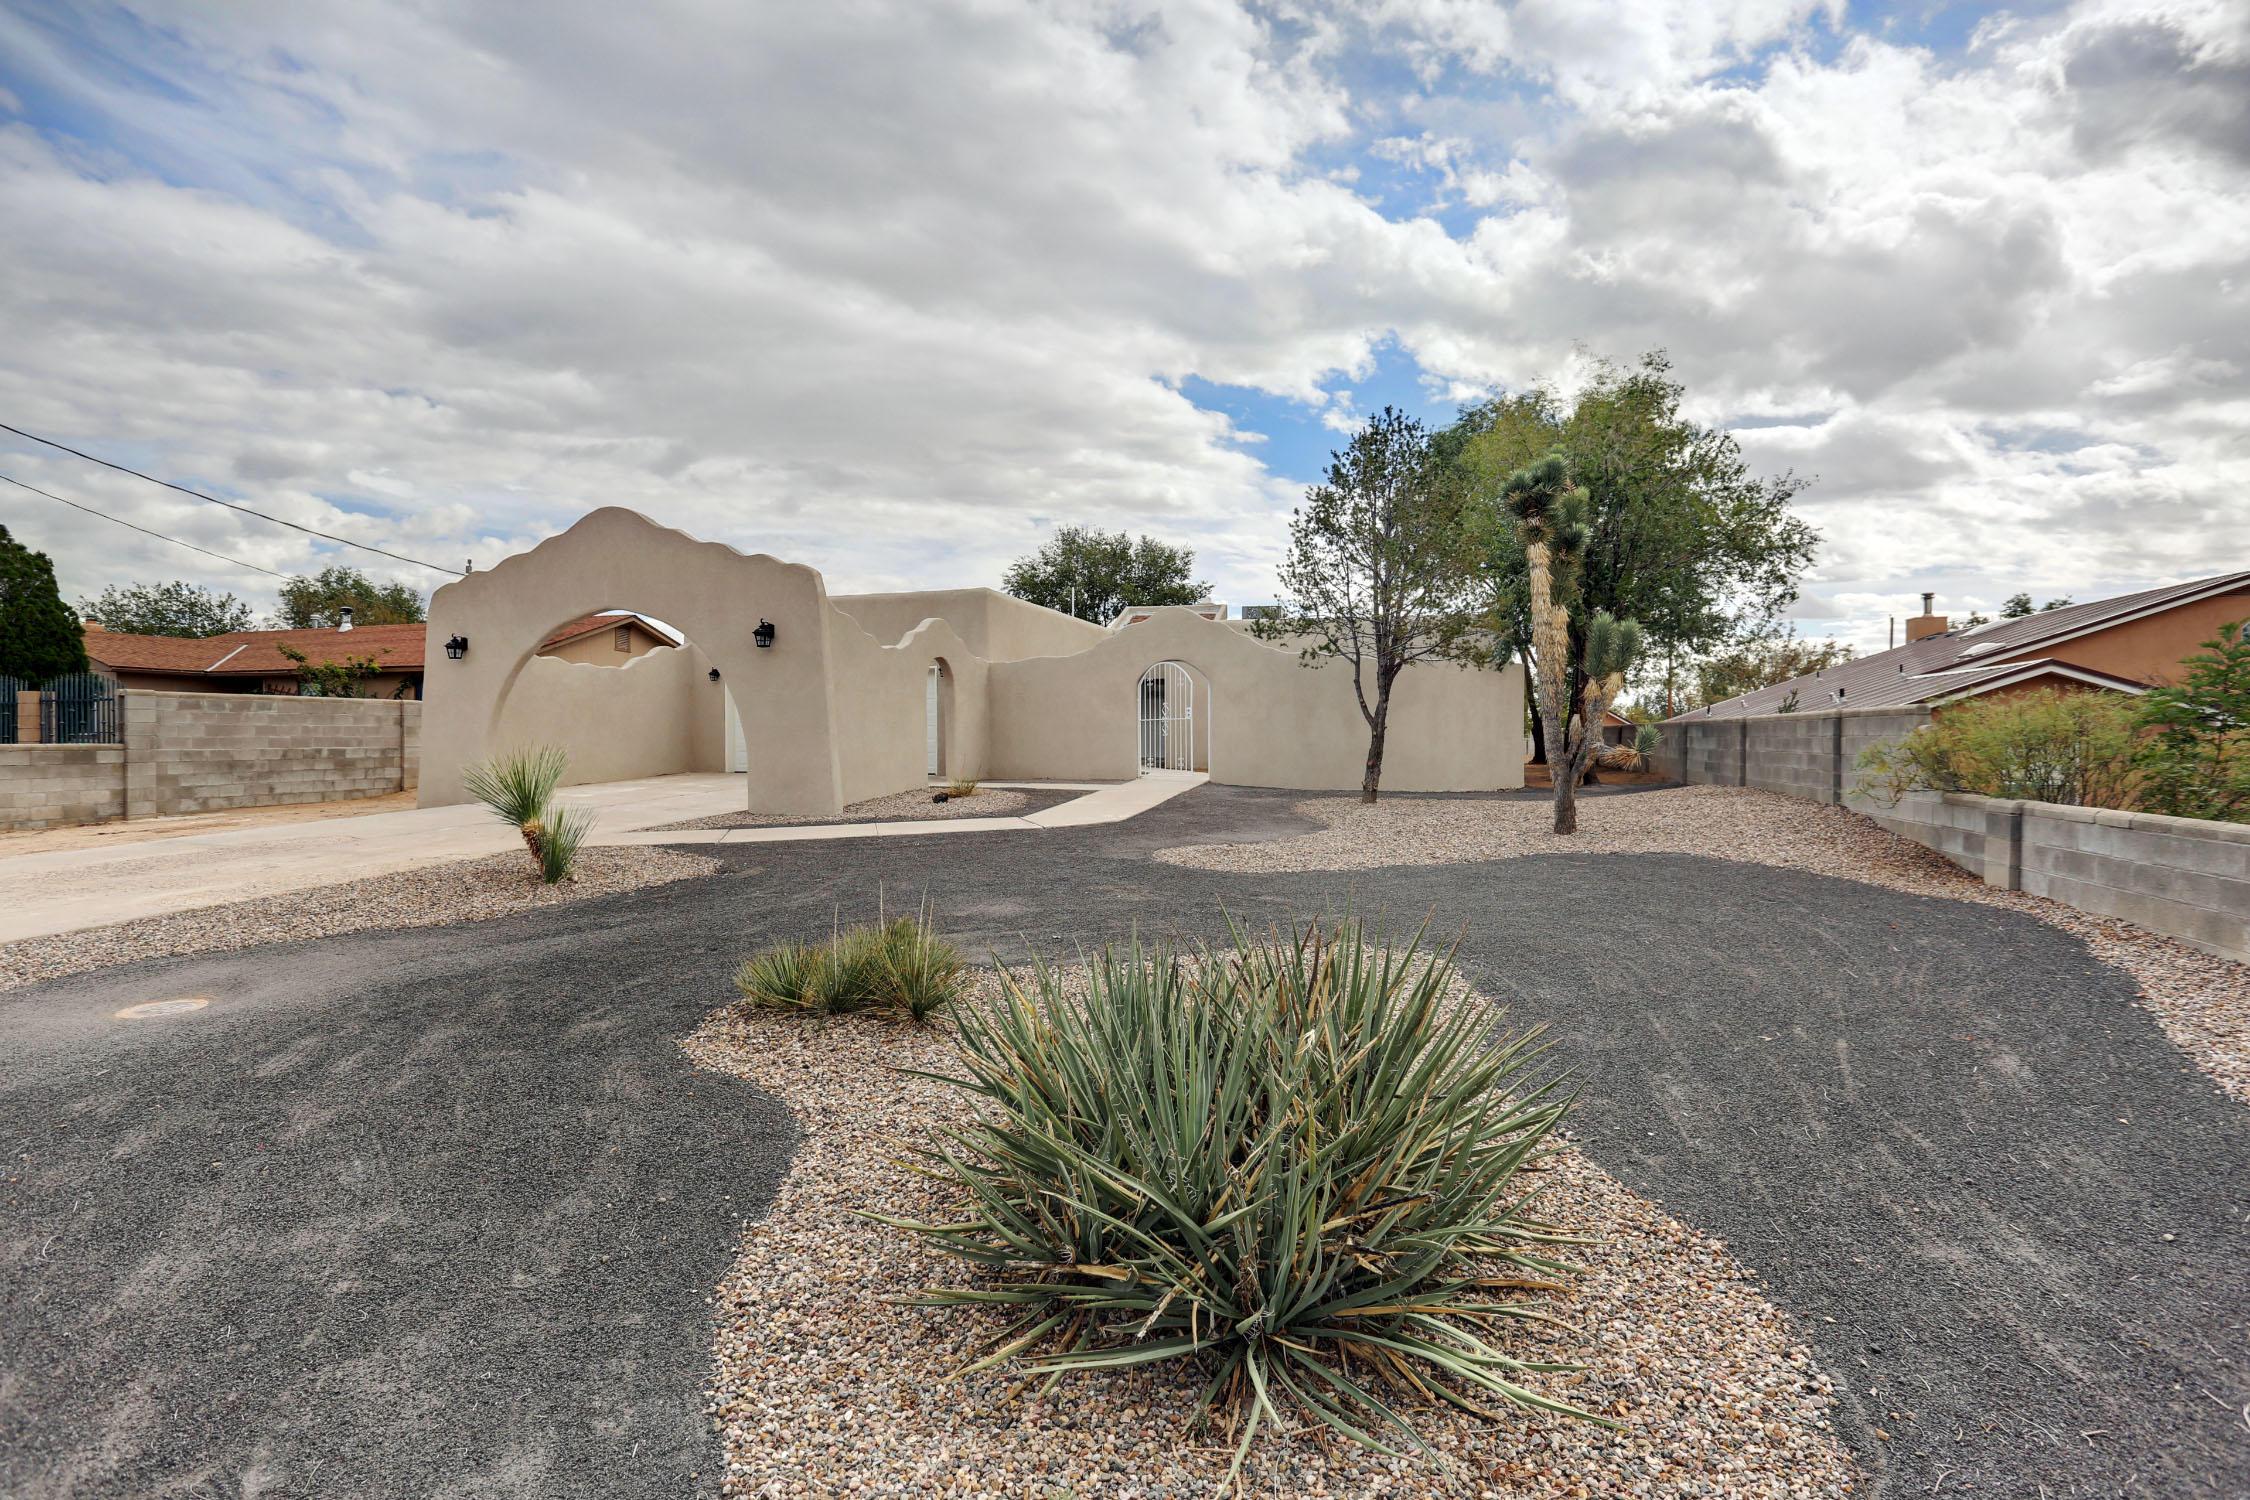 3112 SE 19Th Avenue, Rio Rancho, New Mexico